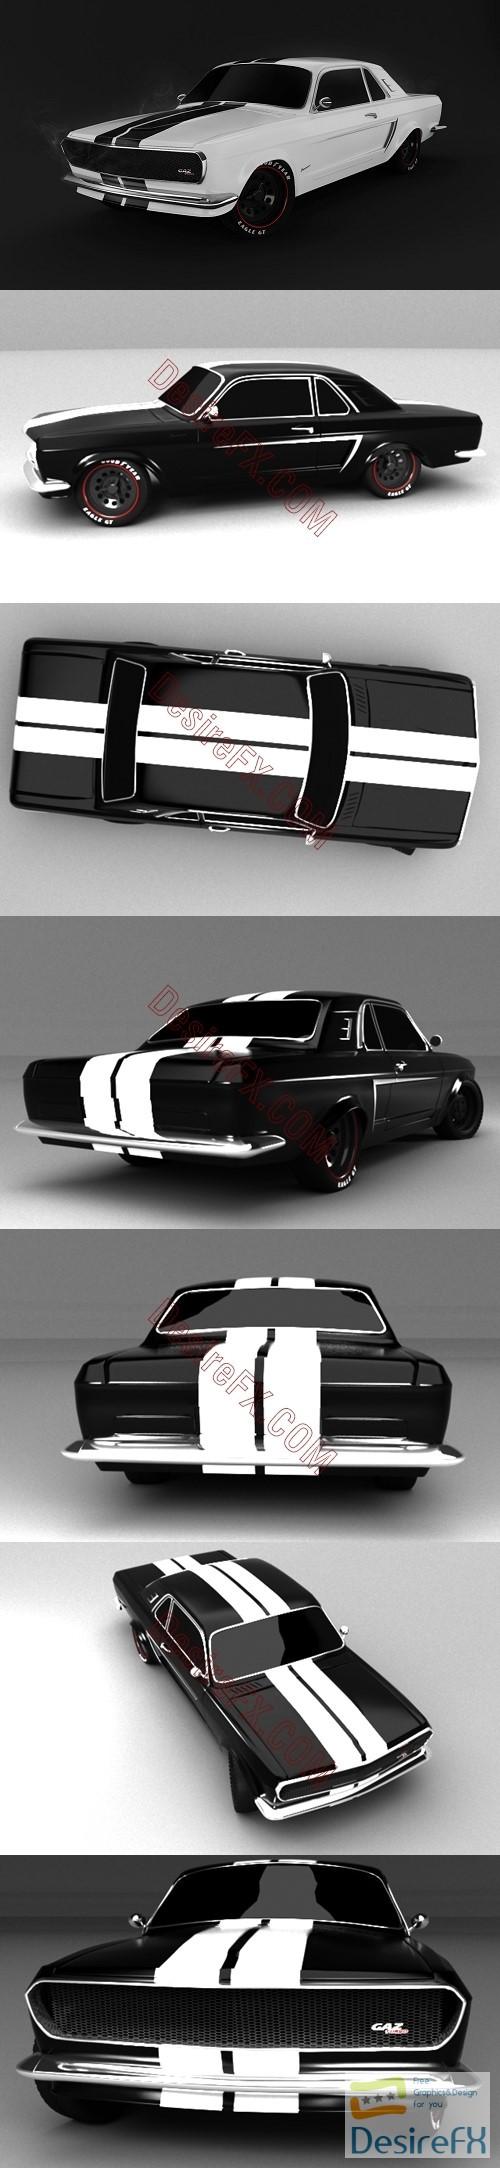 3d-models - Concept Volga 3D Model